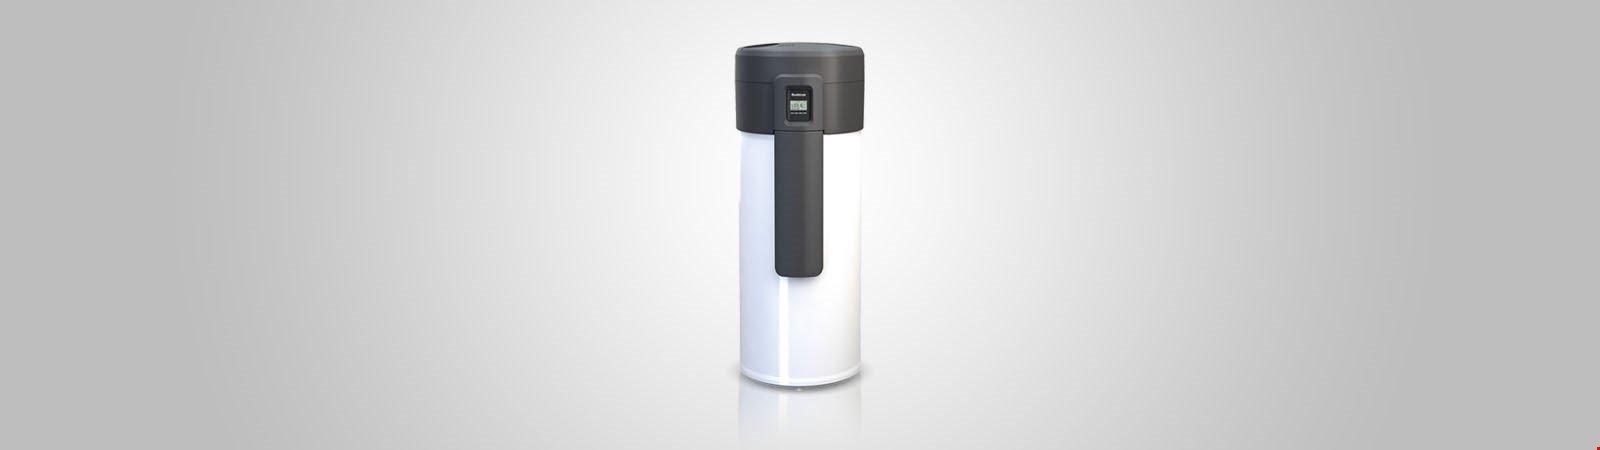 Brauchwasser-Wärmepumpe: Warmwasser durch Umweltenergie